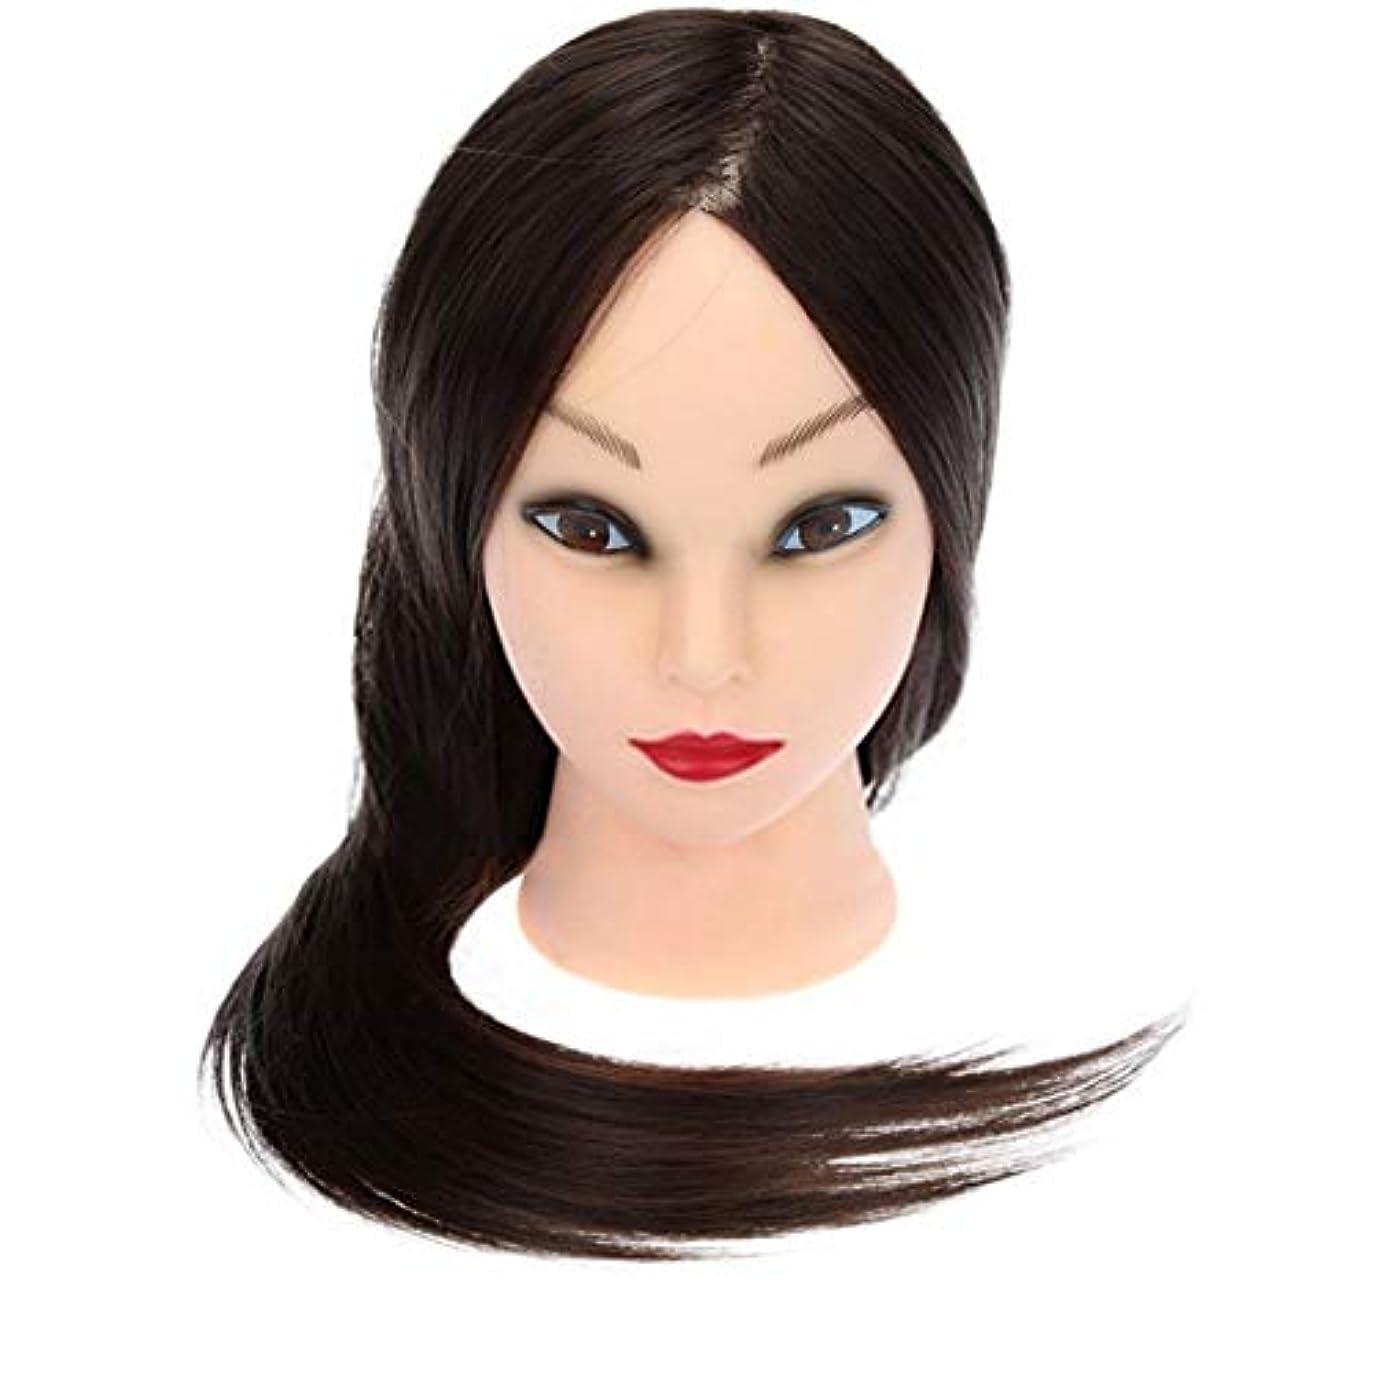 シード有望煩わしい練習ディスク髪編組ヘアモデル理髪店スクールティーチングヘッドロングかつら美容マネキンヘッド